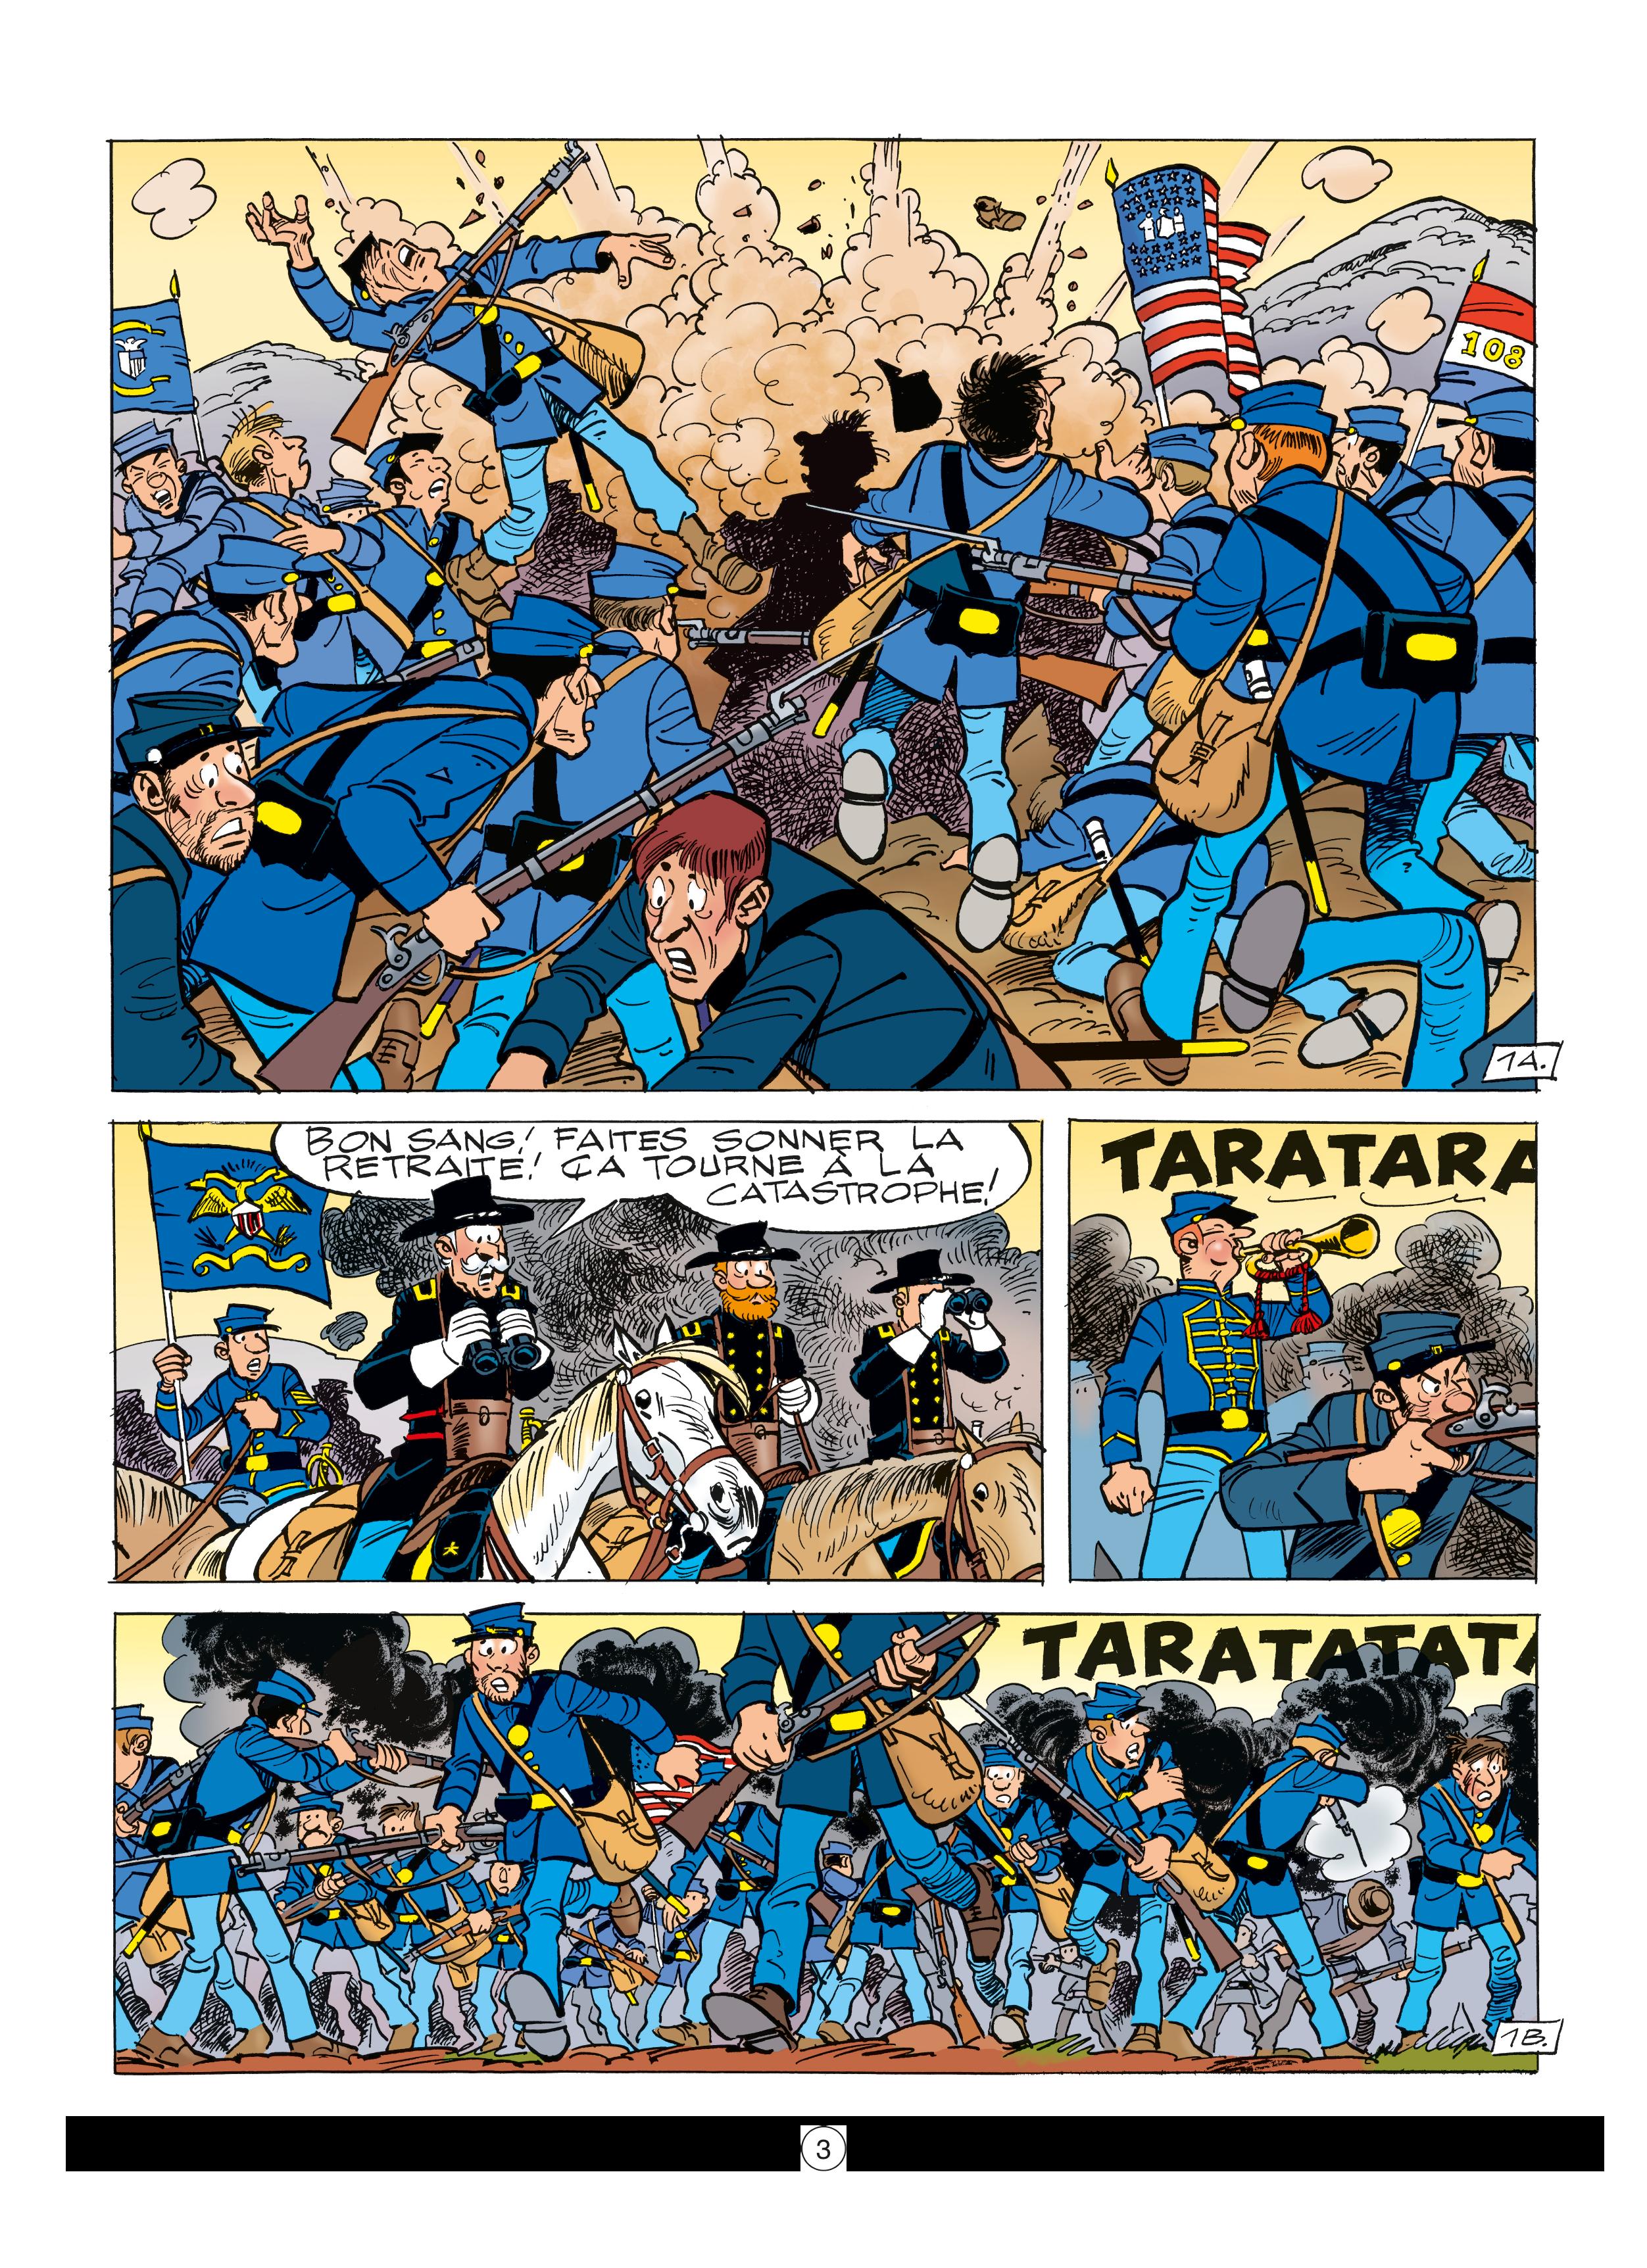 Les Tuniques Bleues #59 - Les quatre évangélistes - Dupuis